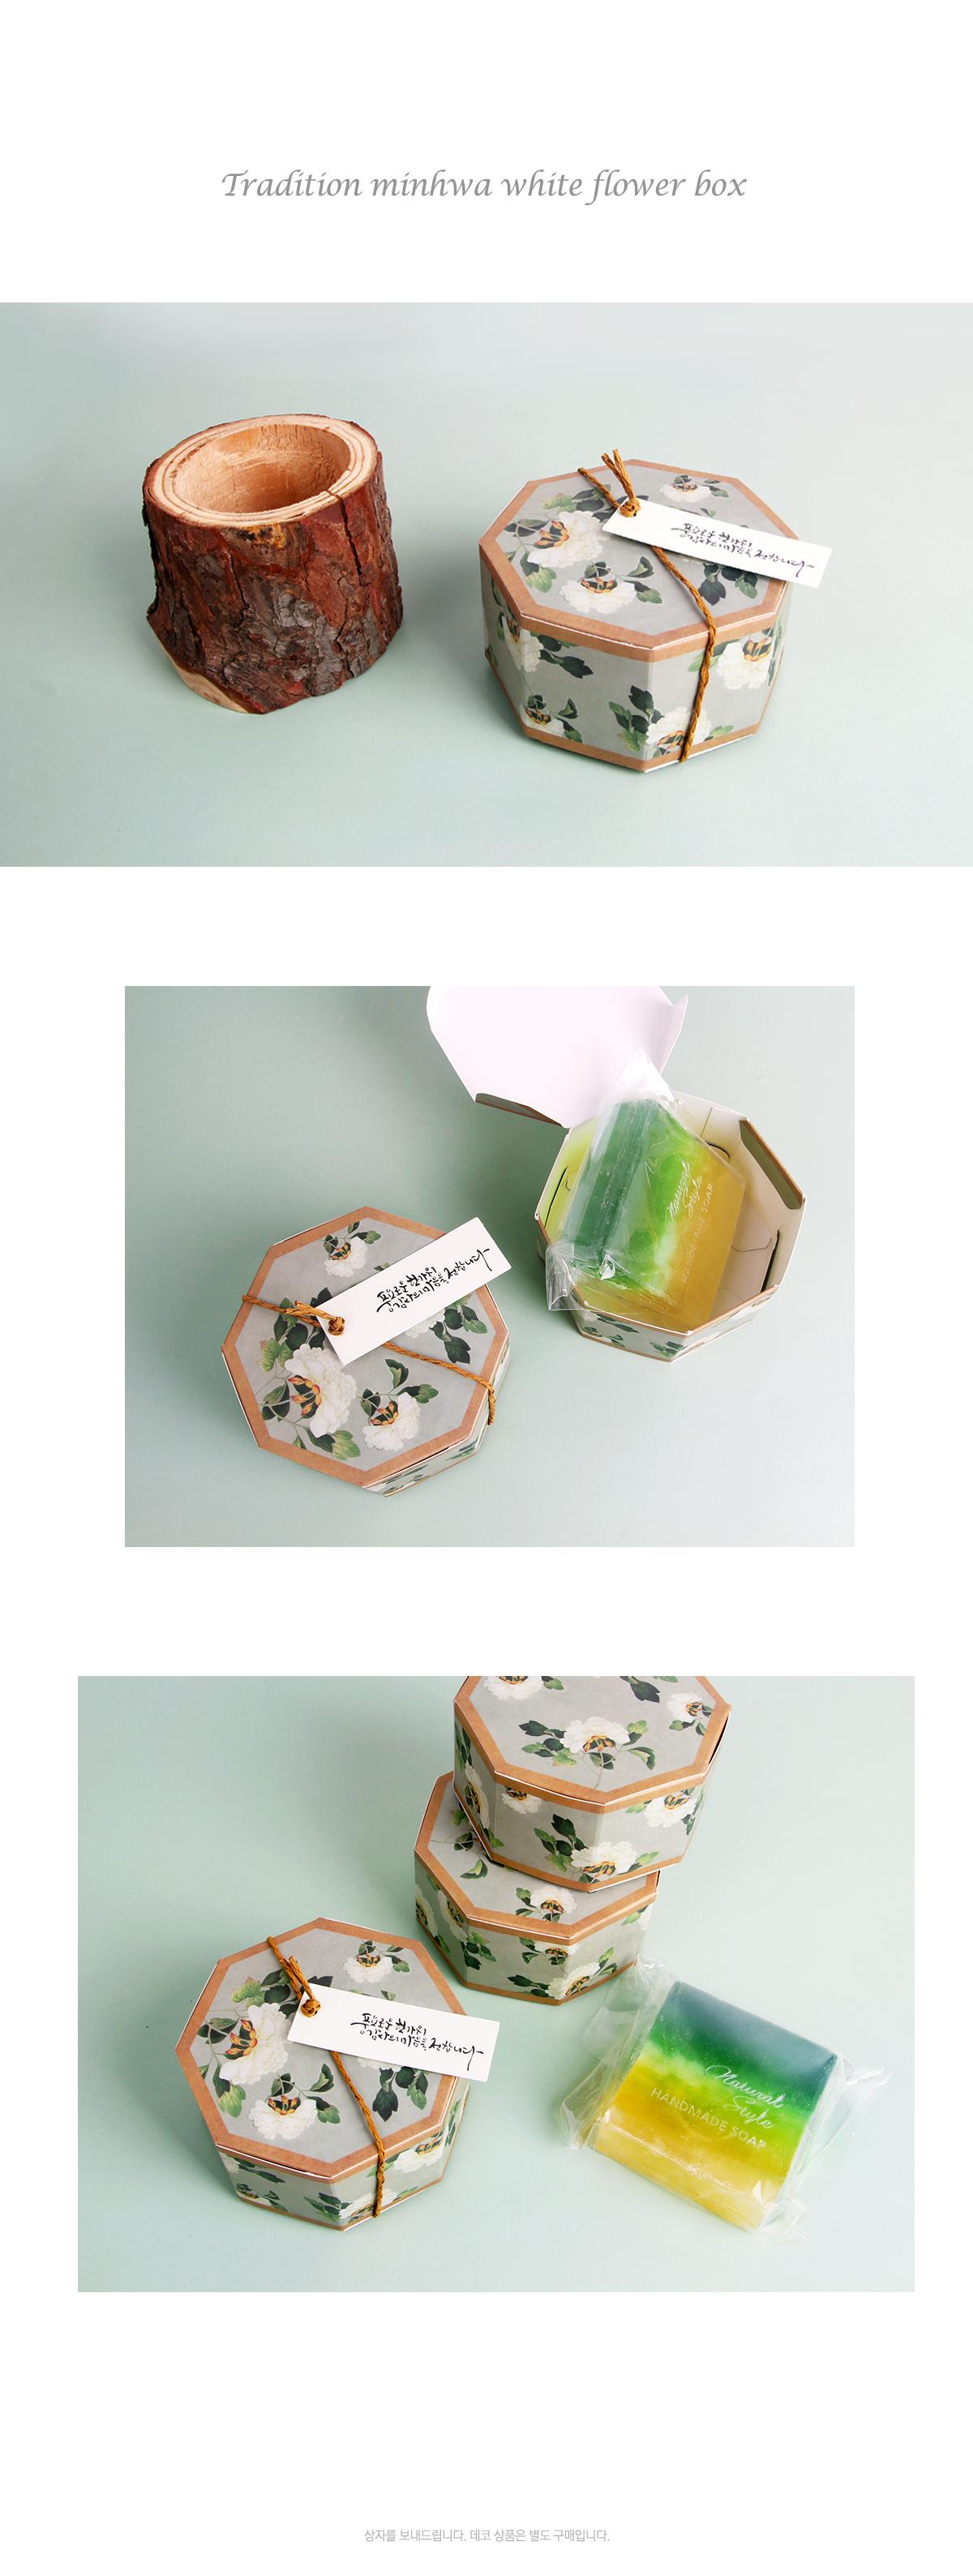 전통민화 흰꽃 팔각상자  (2개) - 인디고샵, 1,500원, 상자/케이스, 심플